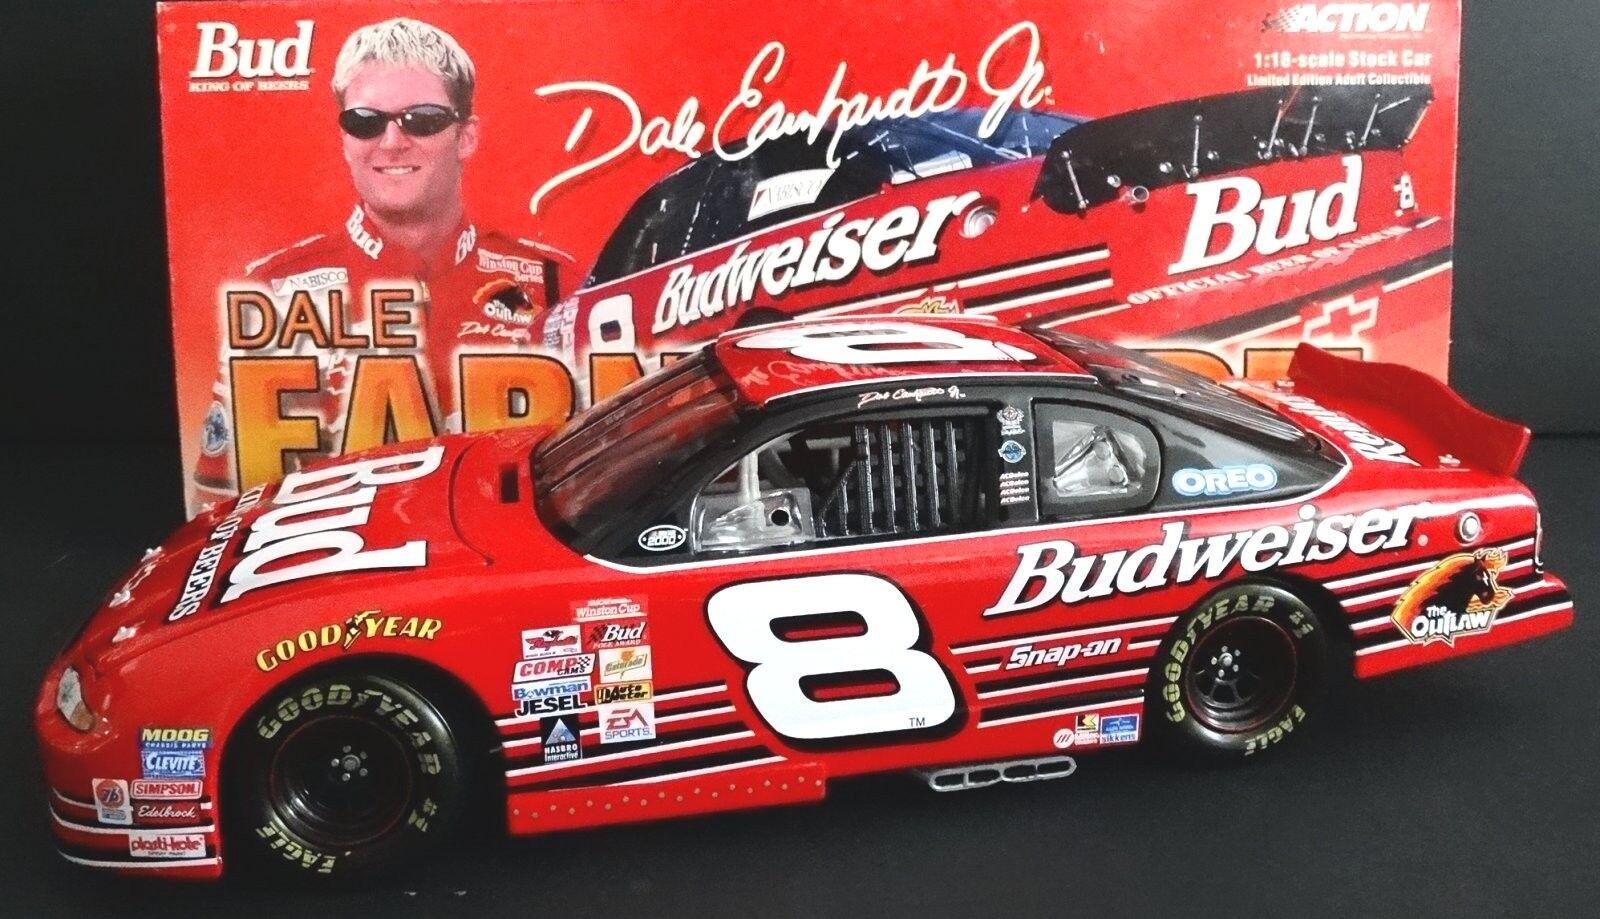 marca de lujo Dale Earnhardt Jr  8 8 8 Budweiser 1 18 acción novato 2000 Chevy 1 3504 McDonald  Venta al por mayor barato y de alta calidad.